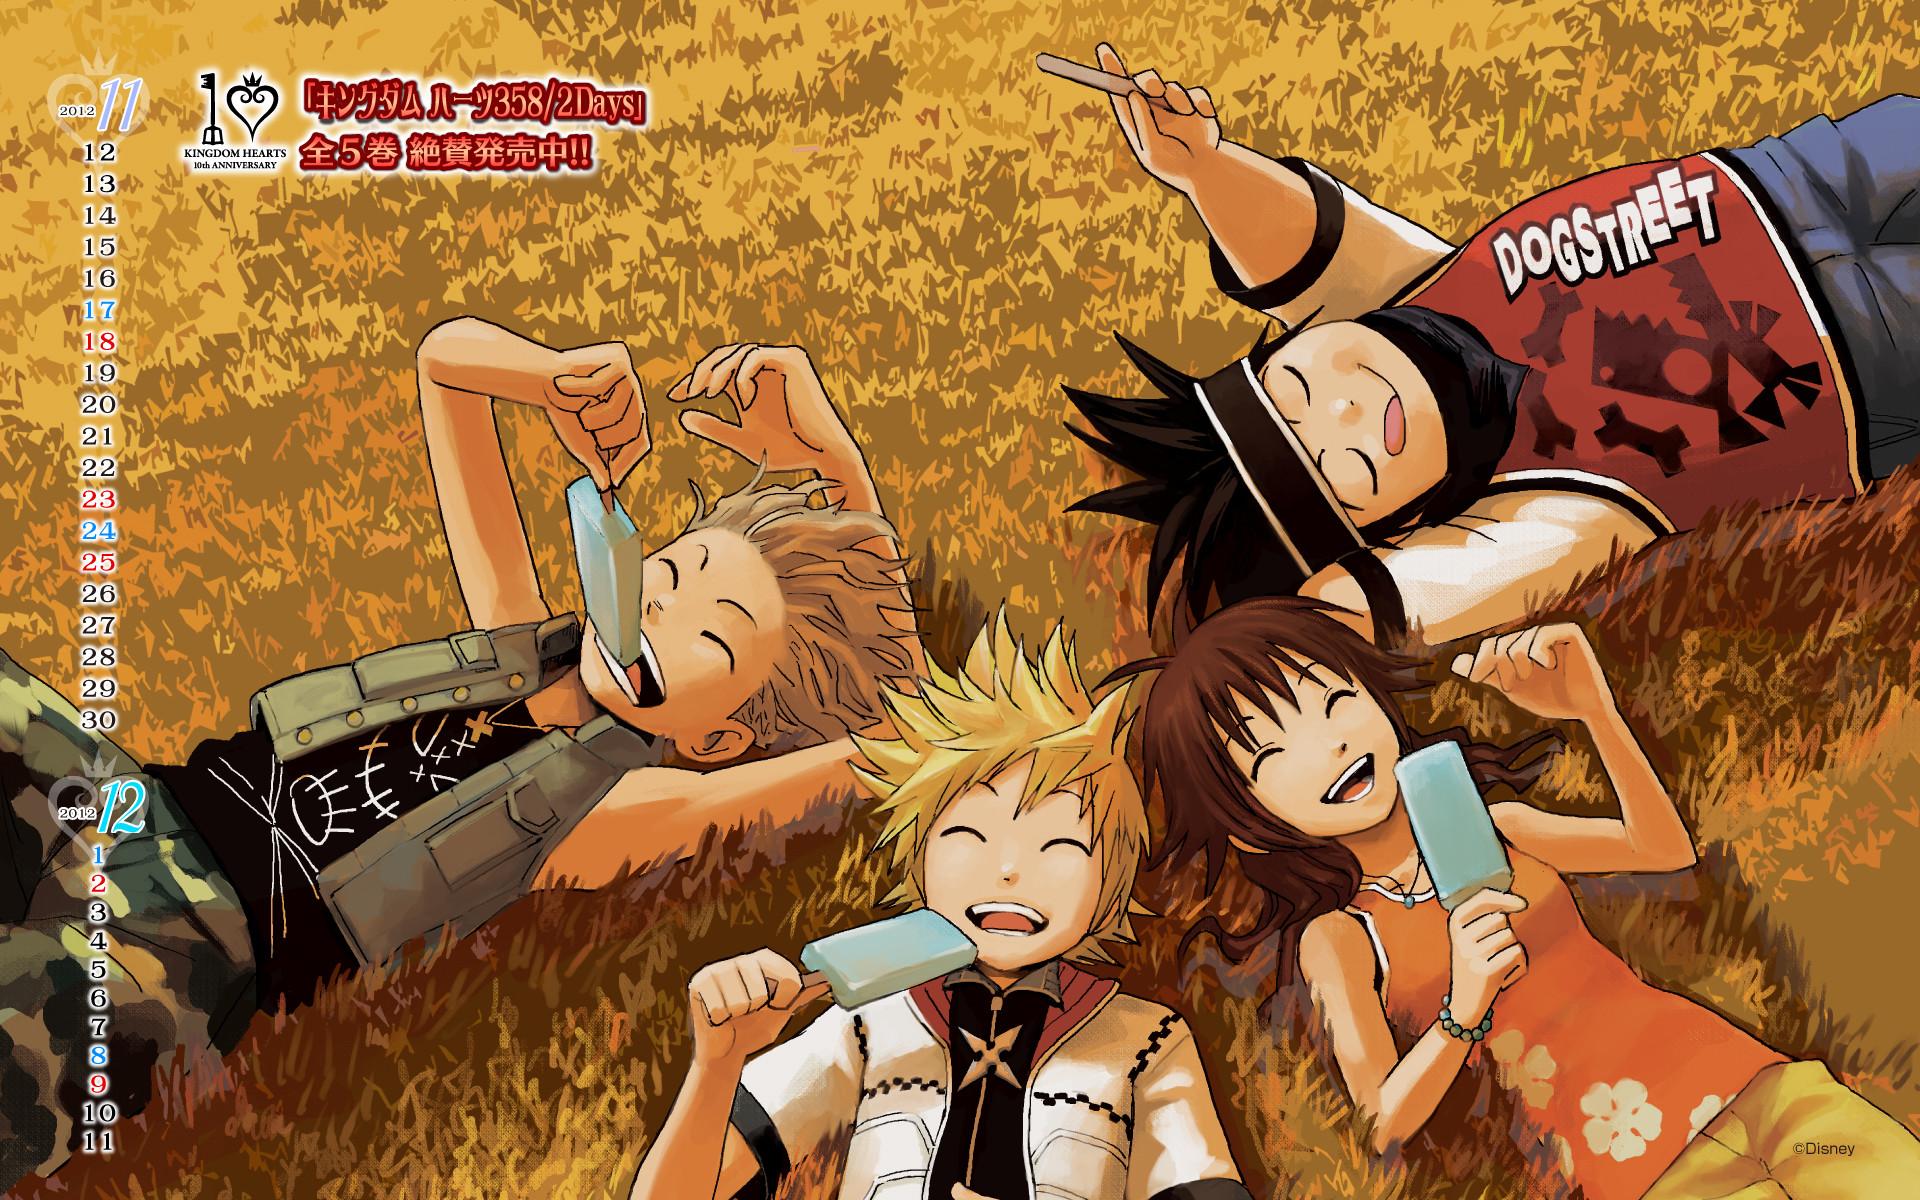 Kingdom Hearts · download Kingdom Hearts image